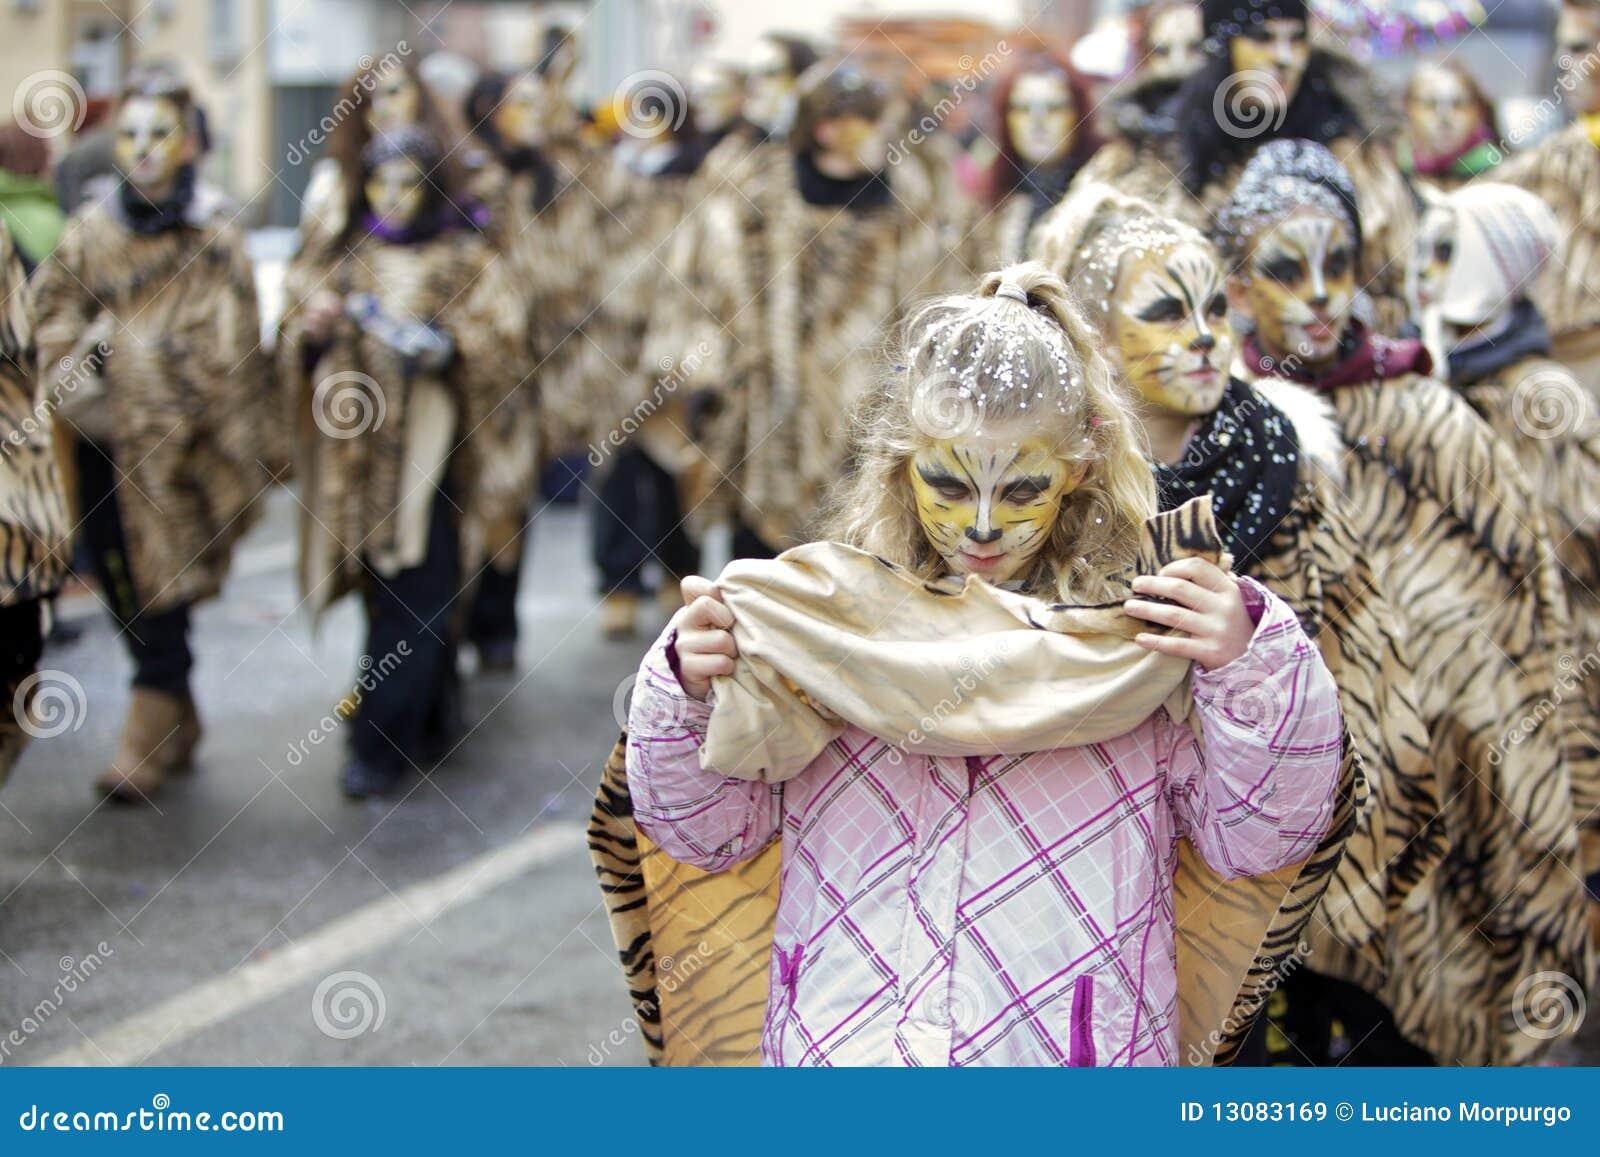 Desfile de la calle del carnaval - Francfort, febrero de 2010